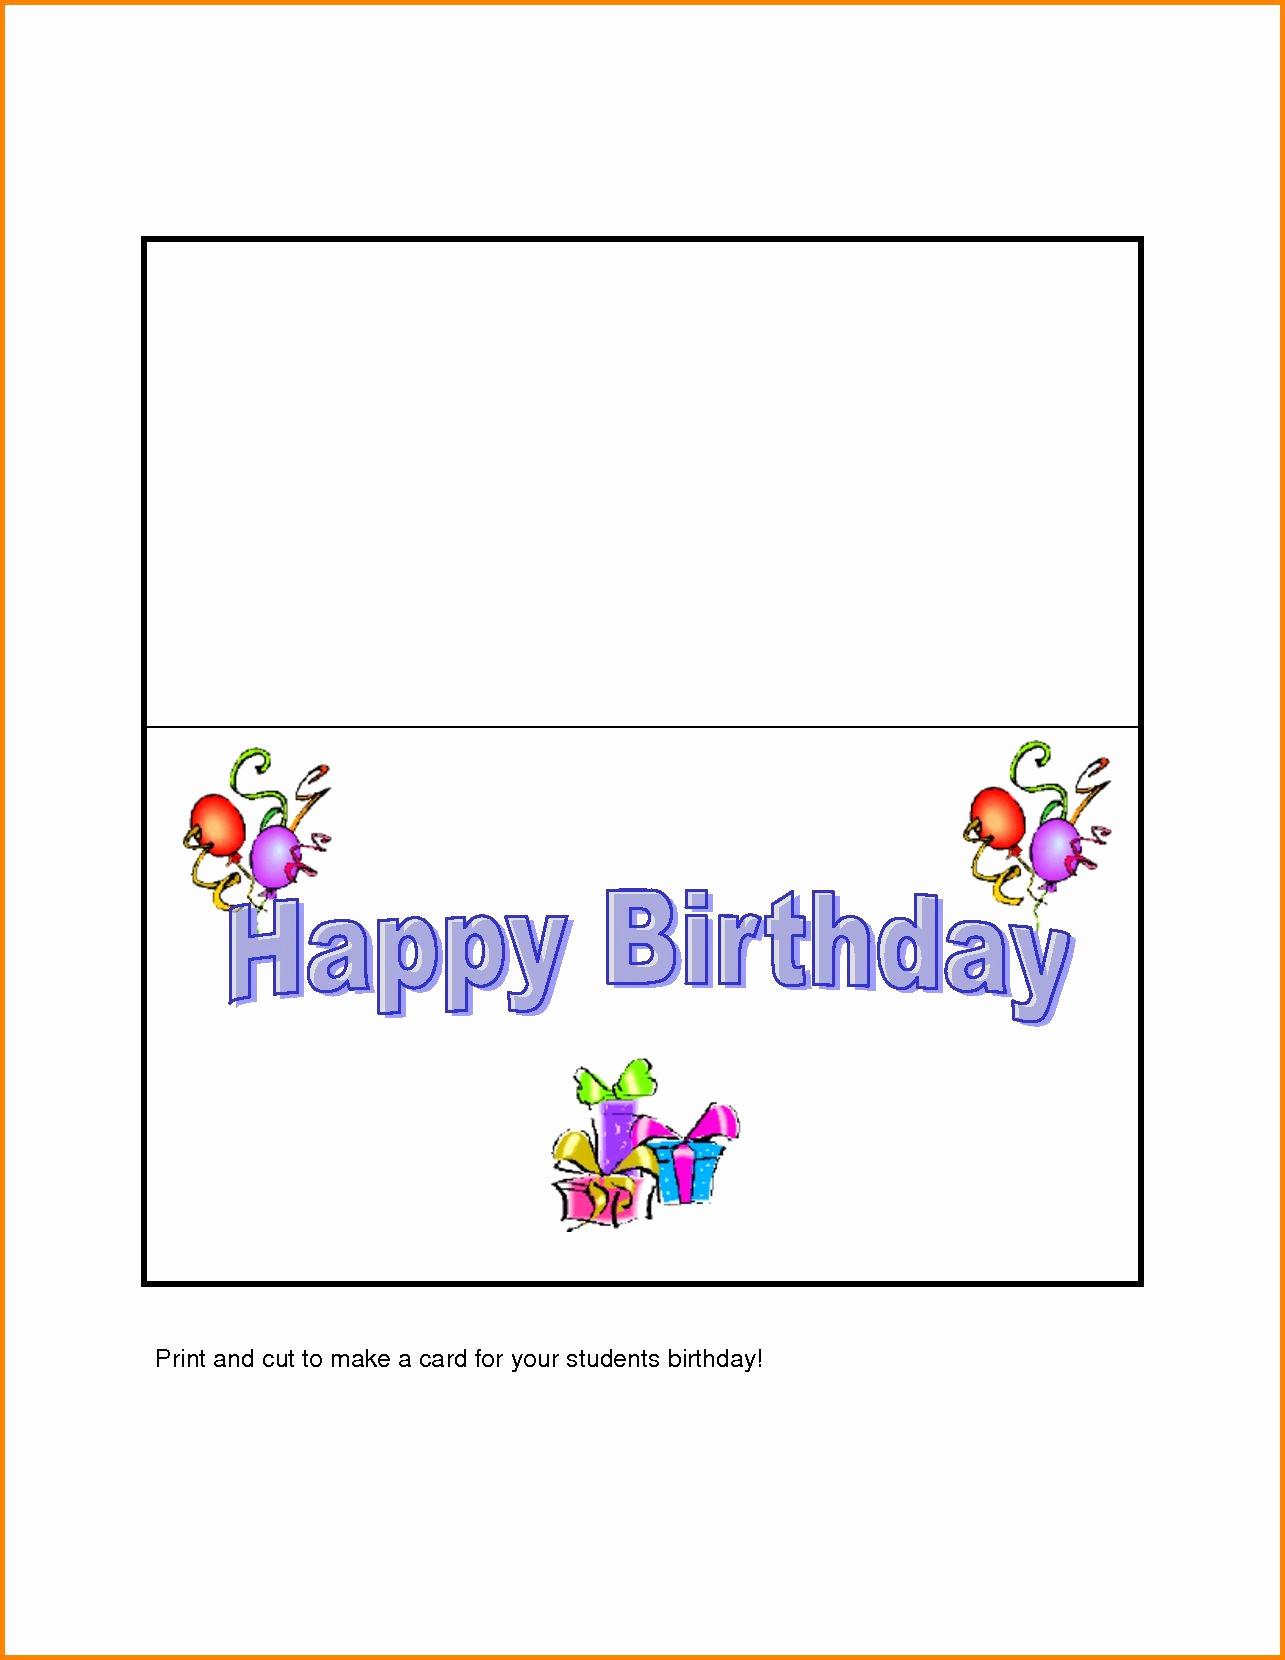 Happy Birthday Zum Ausdrucken Inspirierend Lustige Geburtstagsbilder Zum Ausdrucken Genial Geburtstags Das Bild